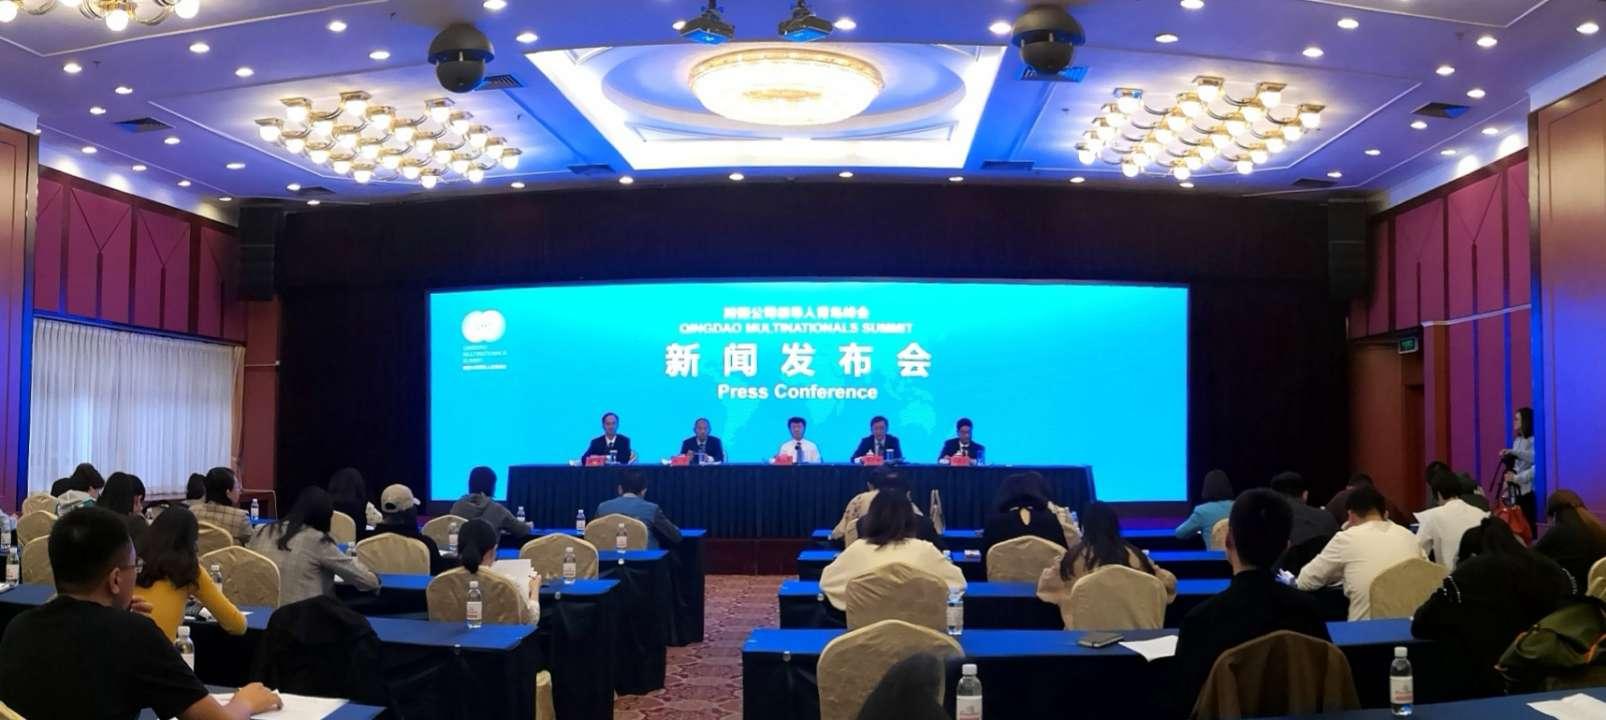 世界500强企业家汇聚!跨国公司领导人青岛峰会将于10月19日启幕